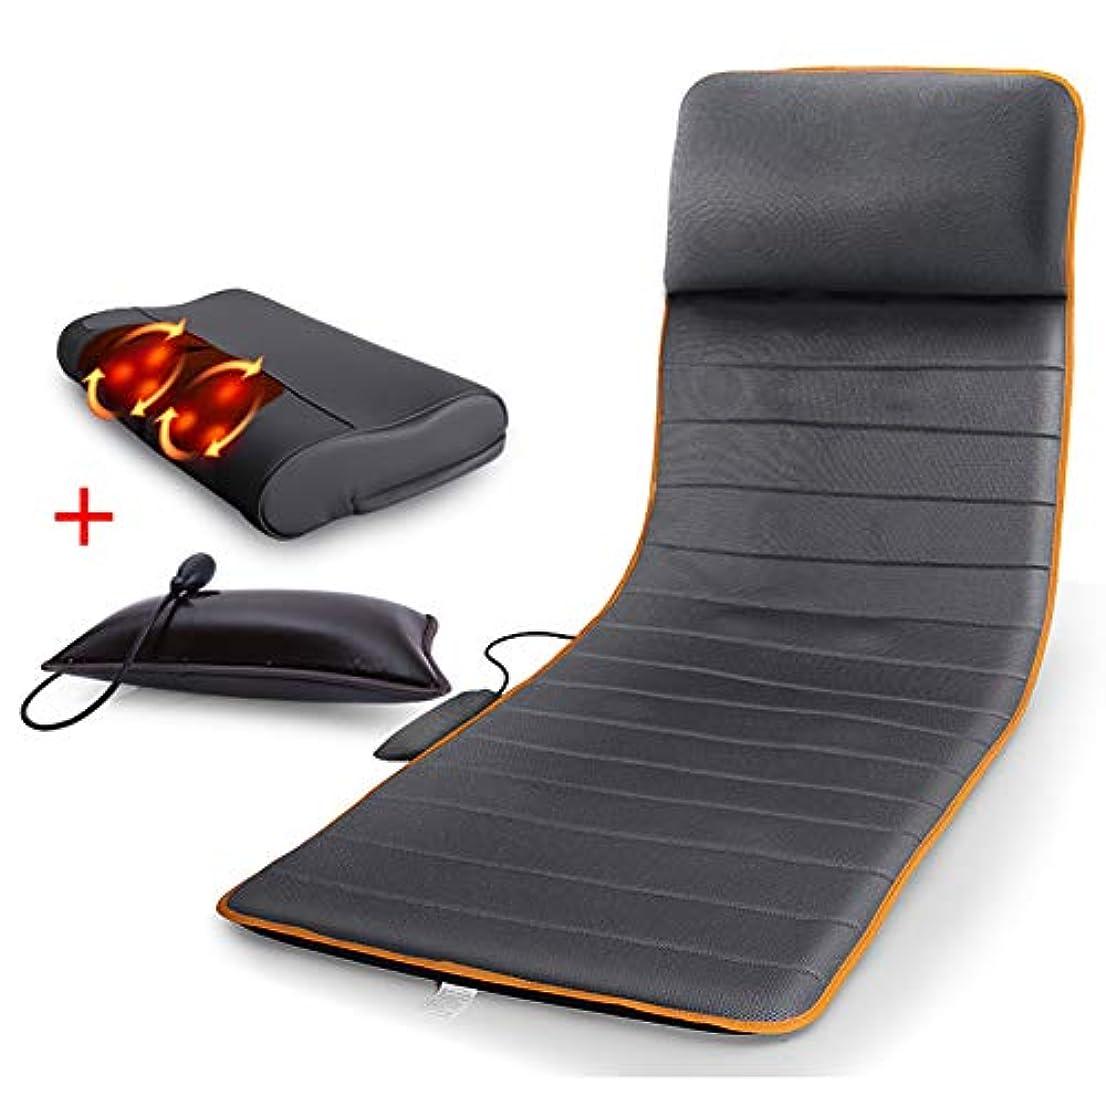 流すクリア覚醒多機能ボディ電気毛布ベッドマッサージシートクッション - 熱で背中のマッサージャー、フルバックの痛みを軽減、ホームオフィスの椅子のためのマッサージチェアパッド